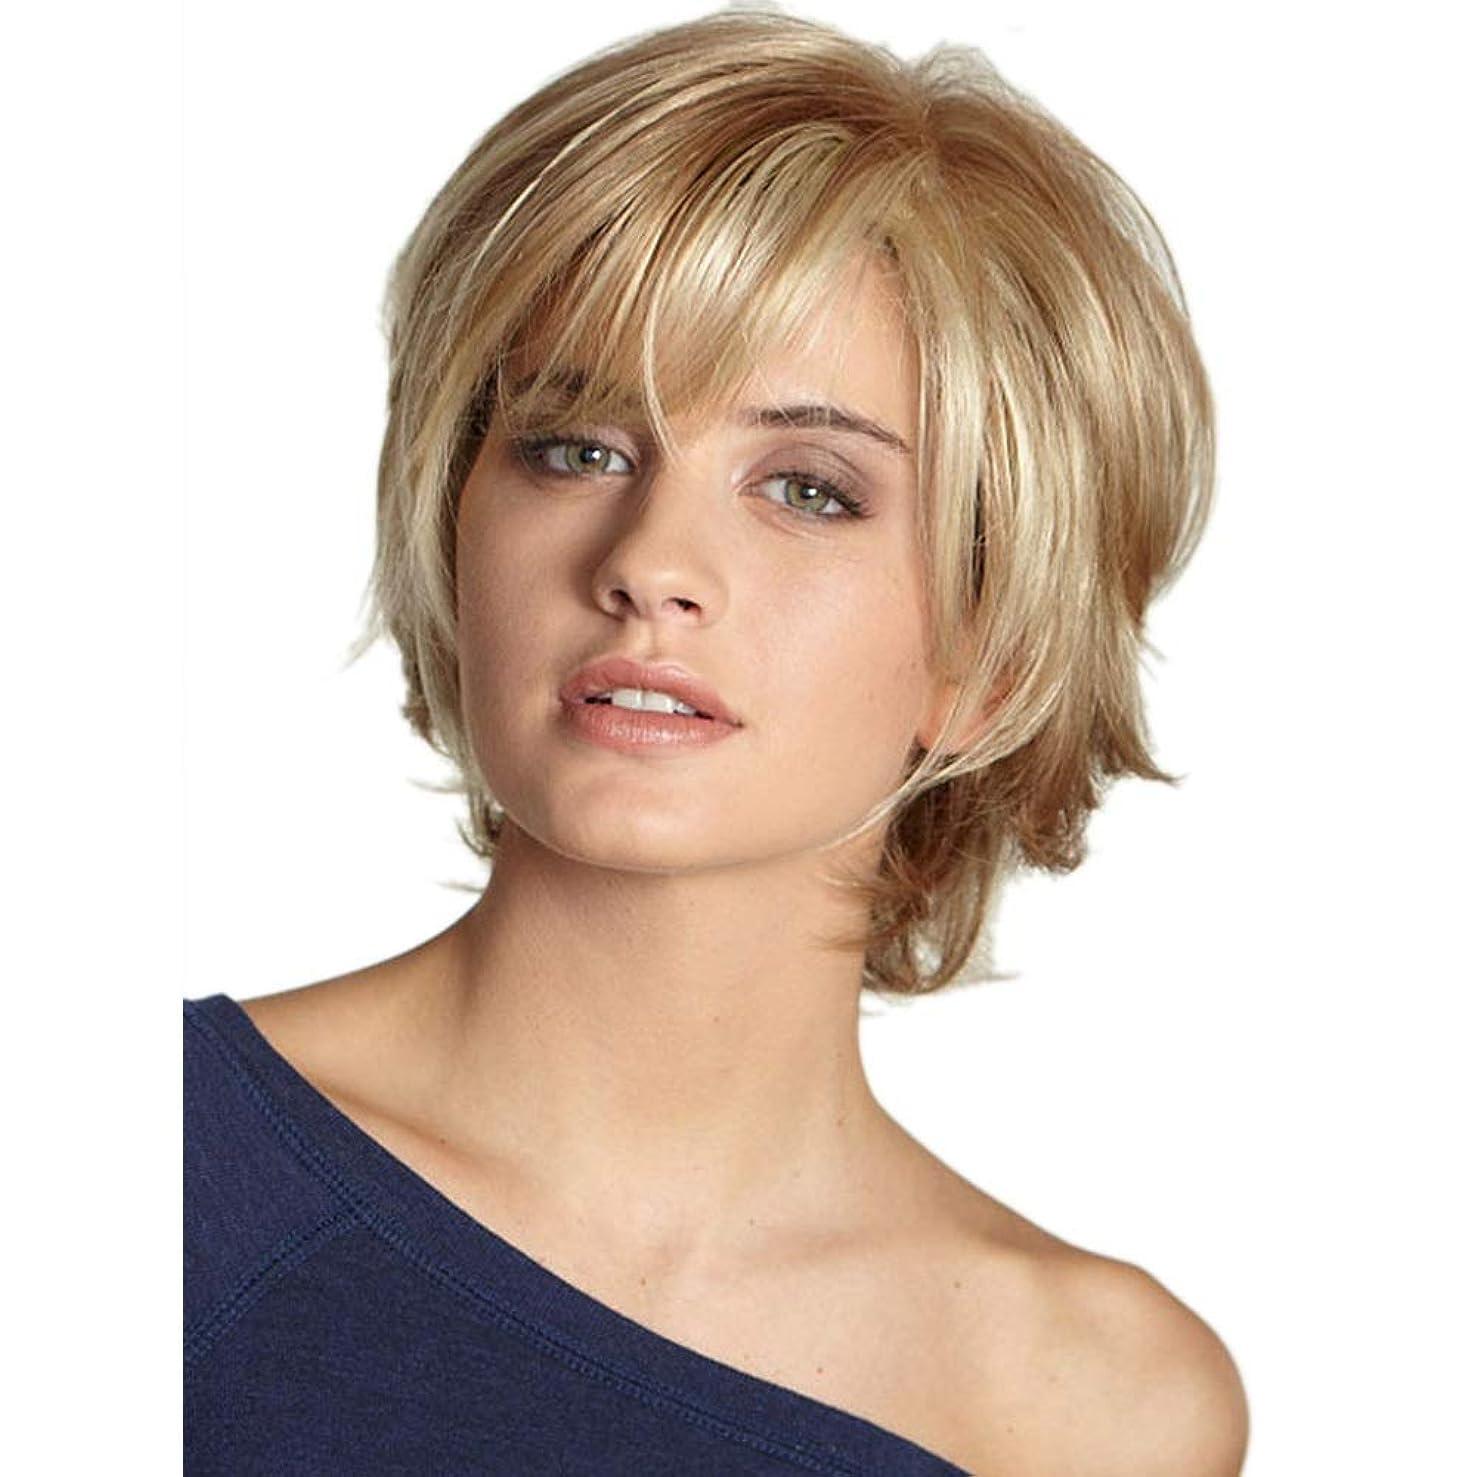 発行する物足りないメキシコWASAIO 女性ショートカーリーヘアーフルウィッグ (色 : Blonde)